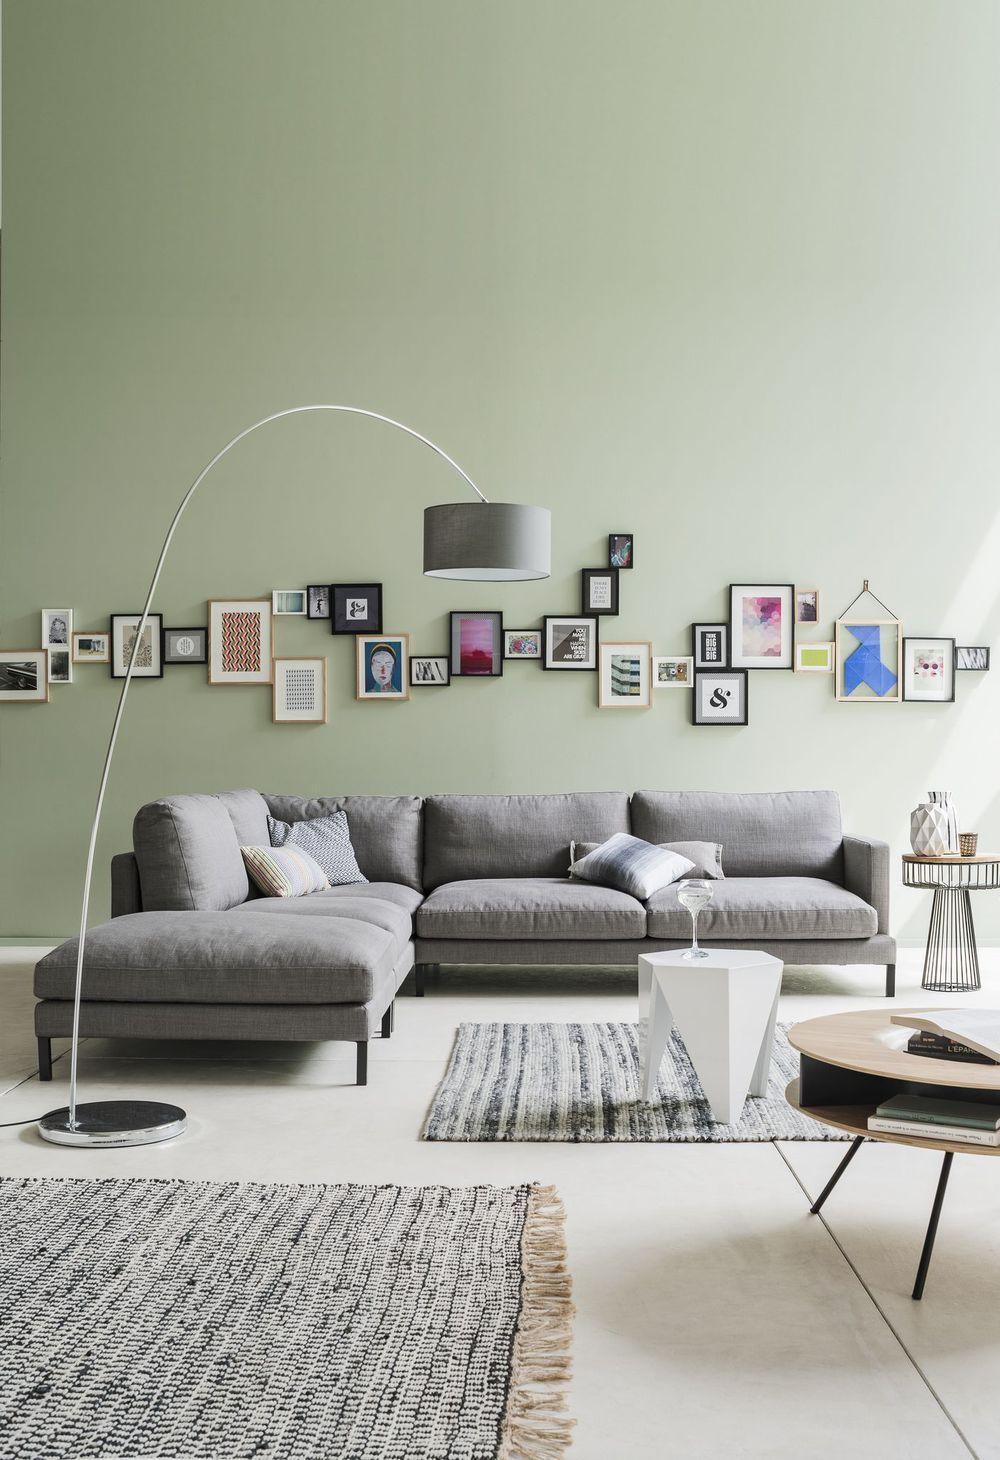 salon avec canap gris idee deco salon gris et marron deco salon canape gris nouveau deco. Black Bedroom Furniture Sets. Home Design Ideas